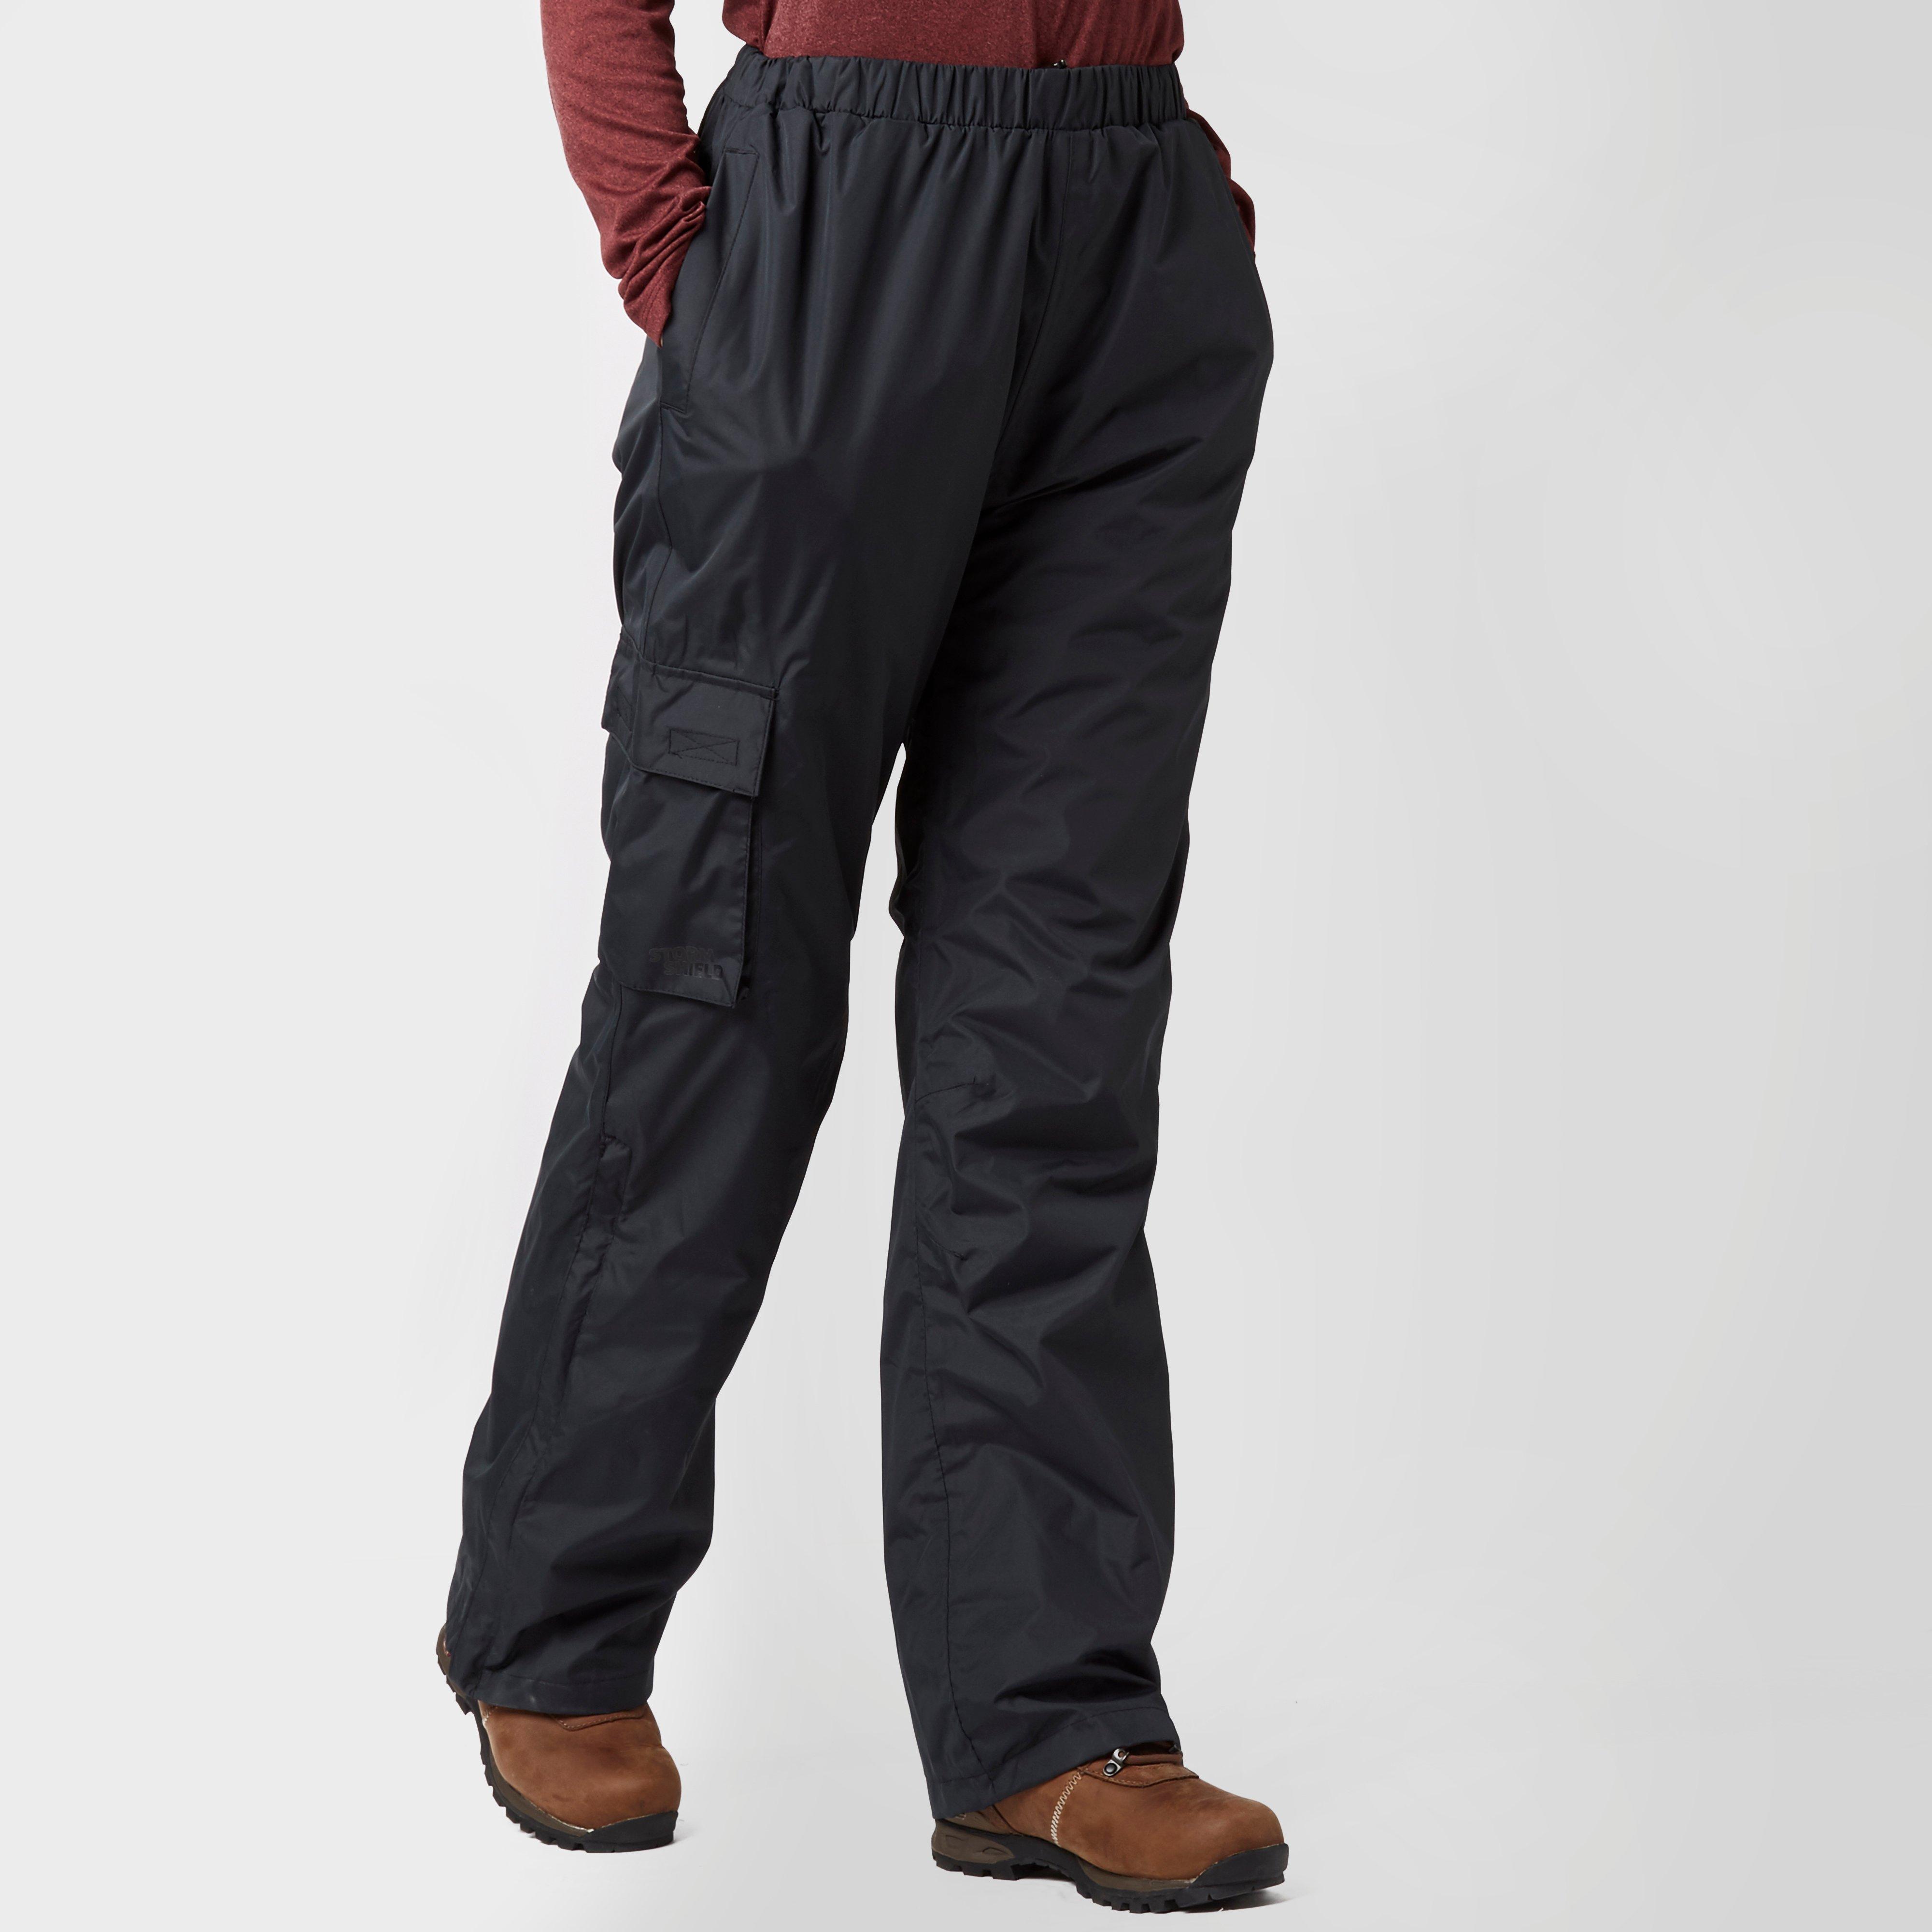 Peter Storm Peter Storm womens Storm Waterproof Trousers - Black, Black